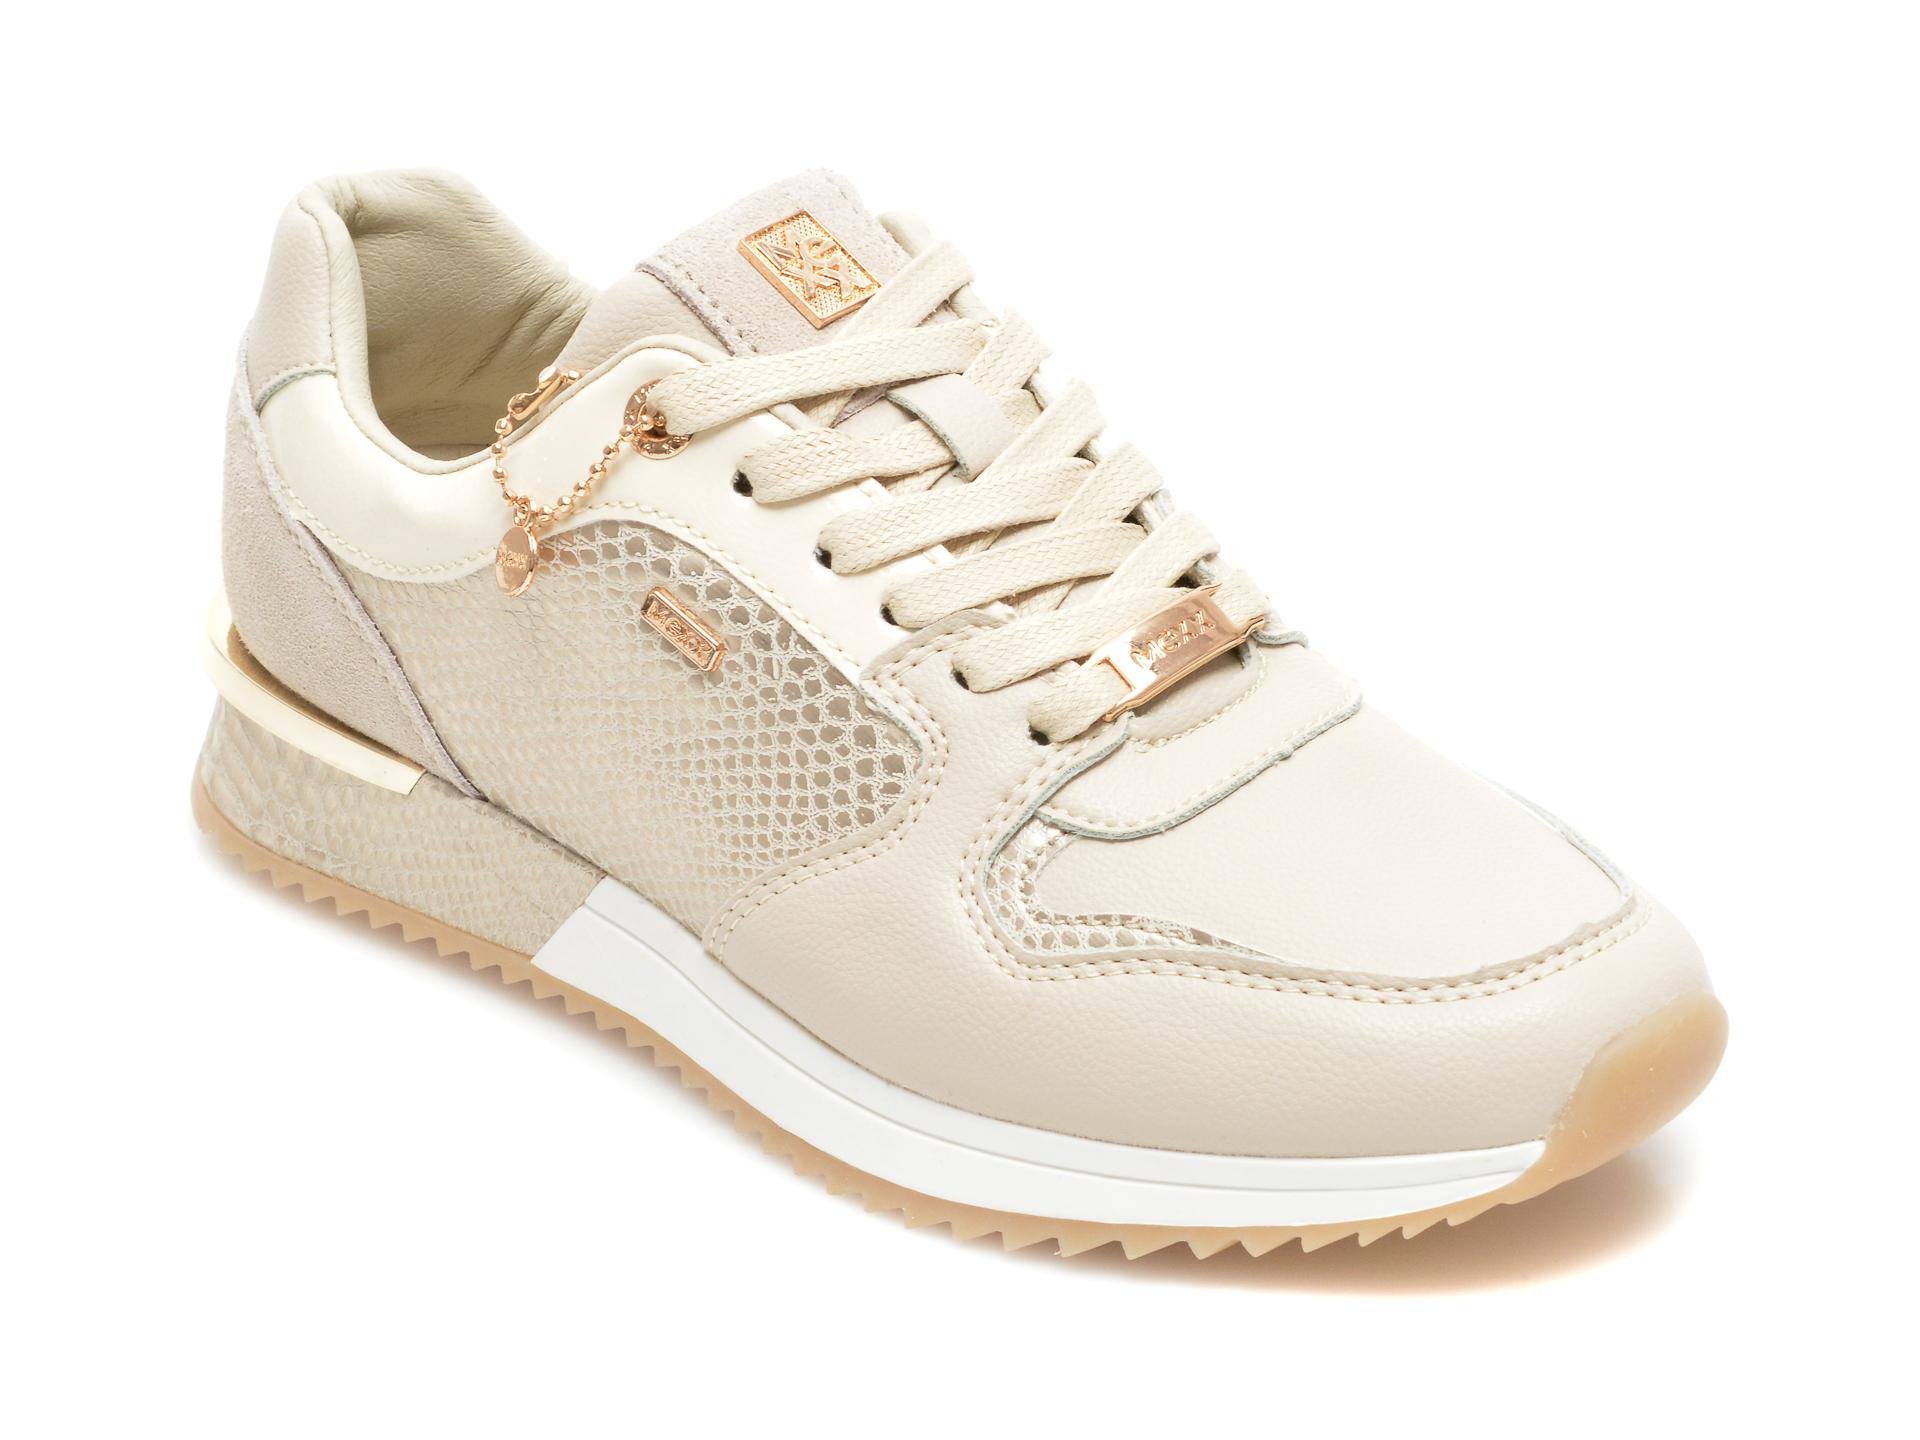 Pantofi sport MEXX bej, K0189, din piele ecologica